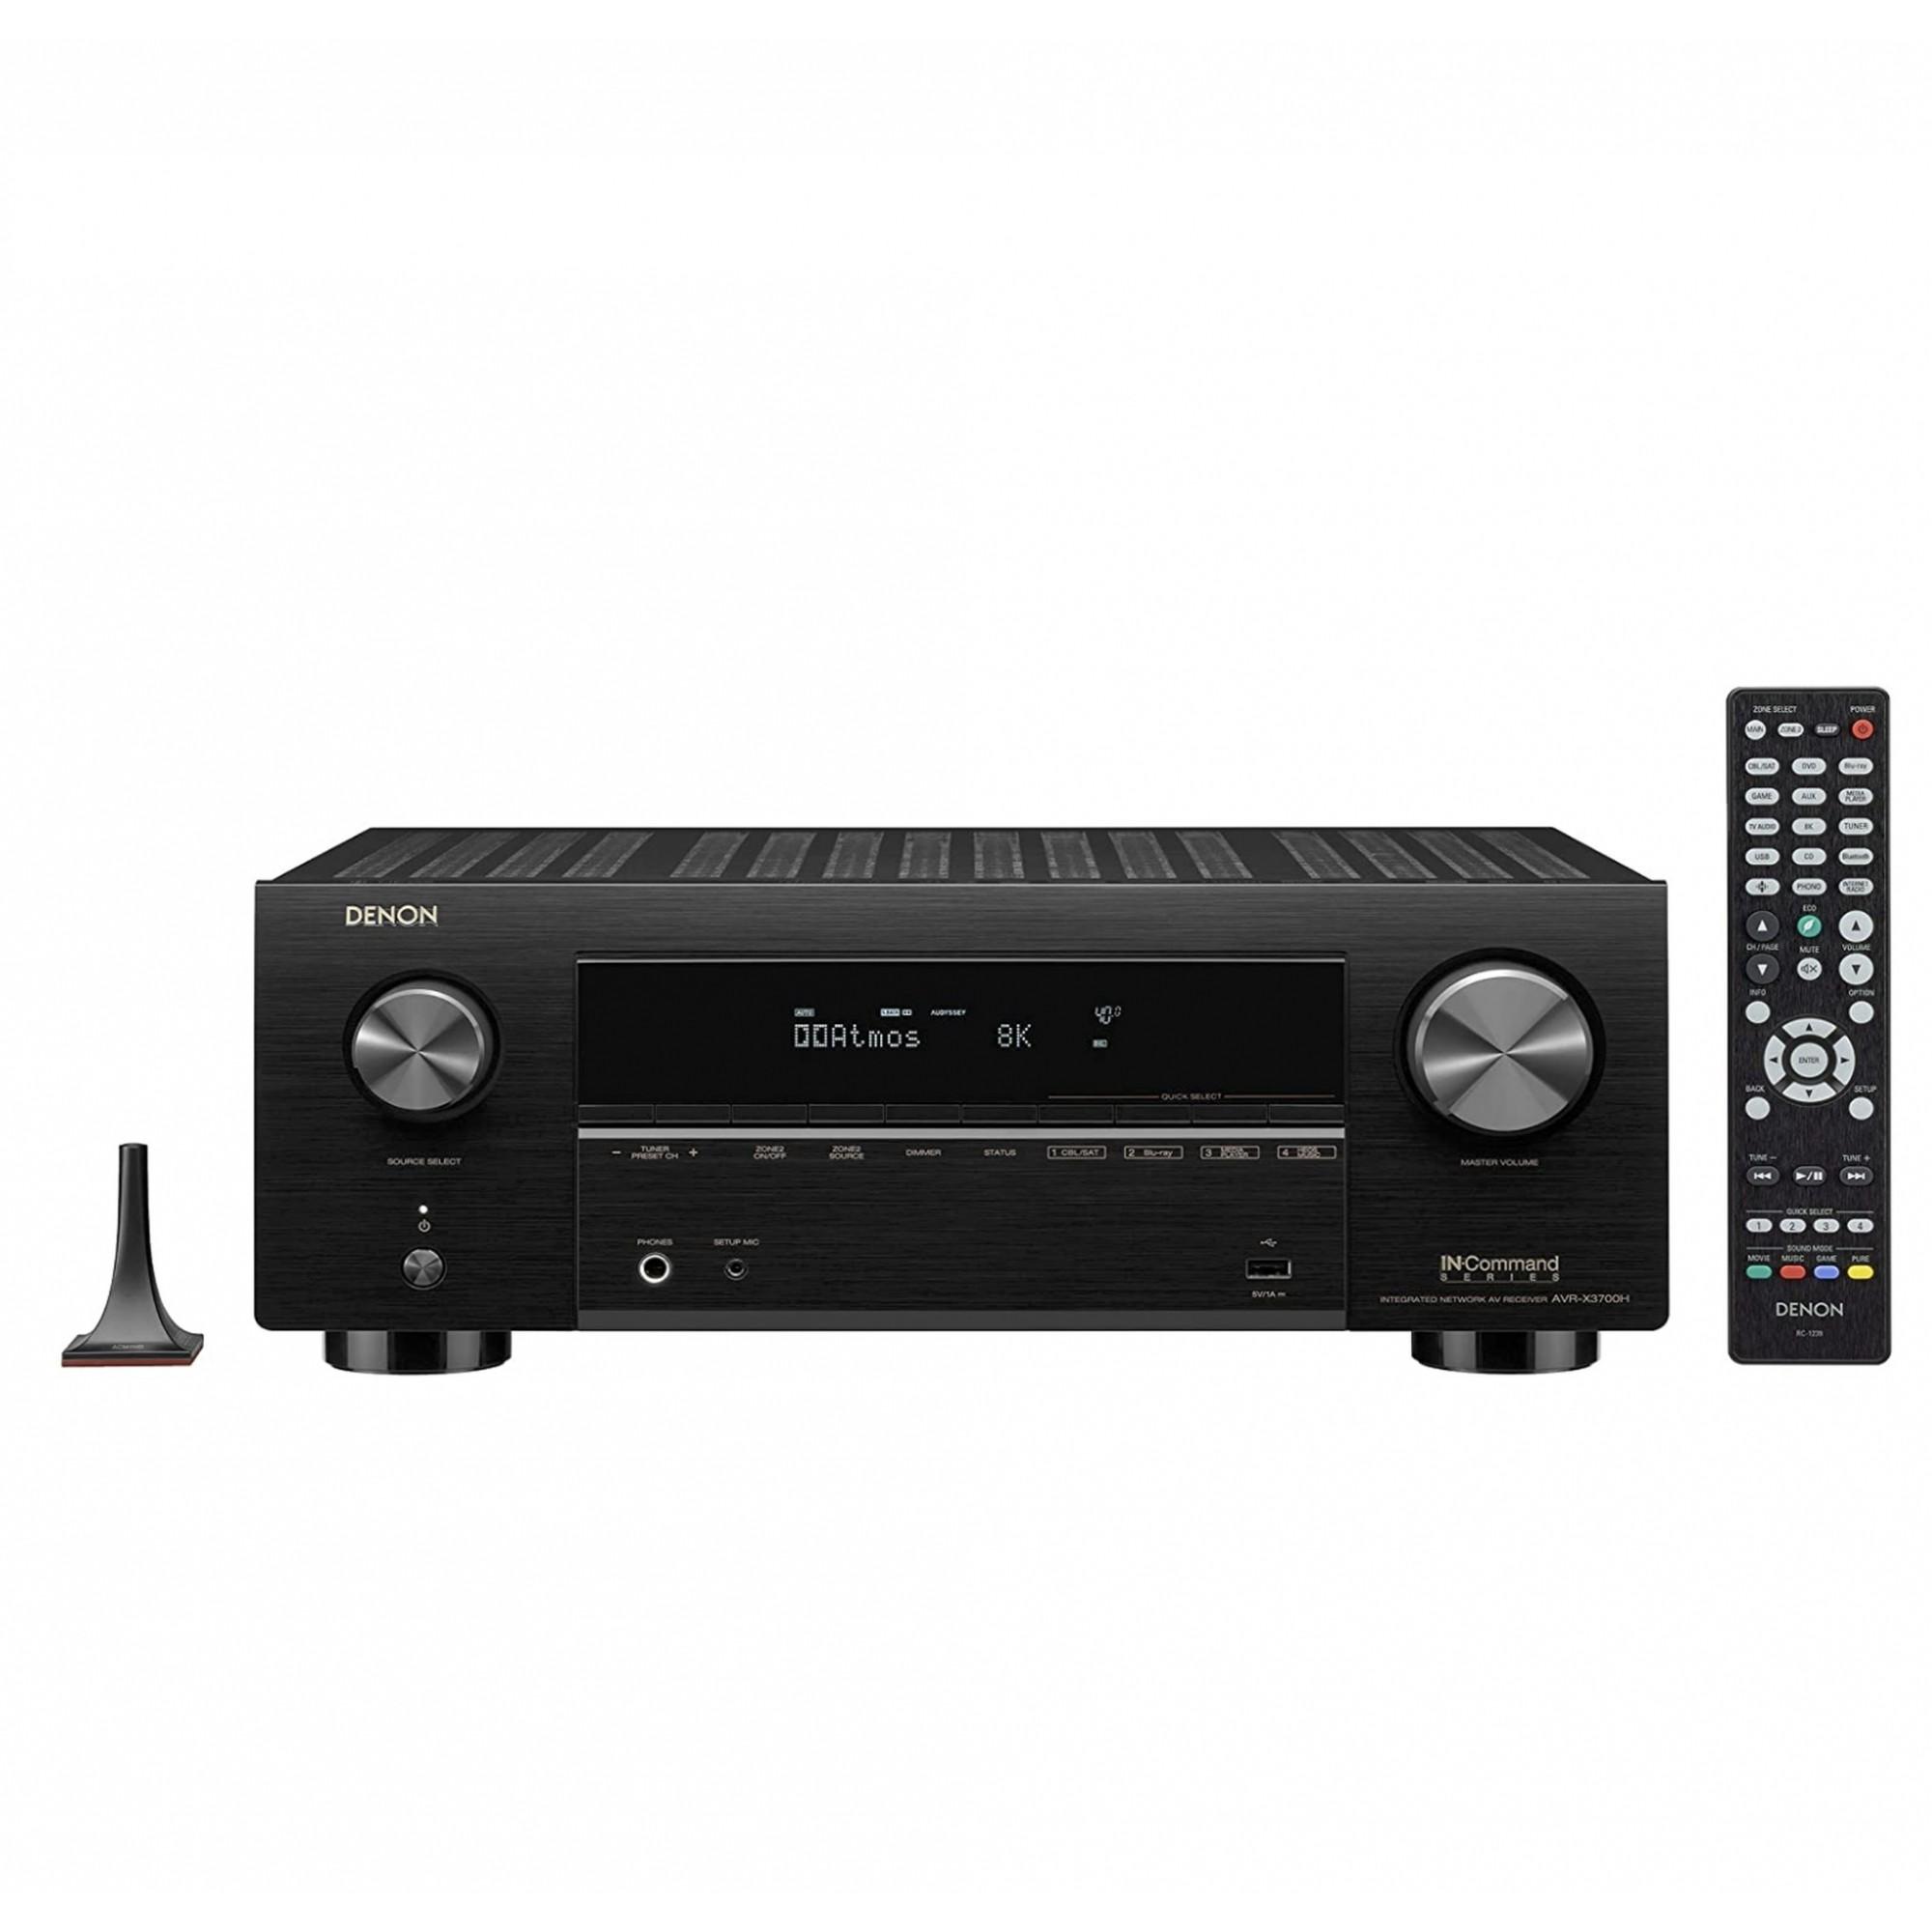 Receiver Denon AXC-X3700h ( 2020 ) 9.2 CH 8k Dolby Atmos - 220v